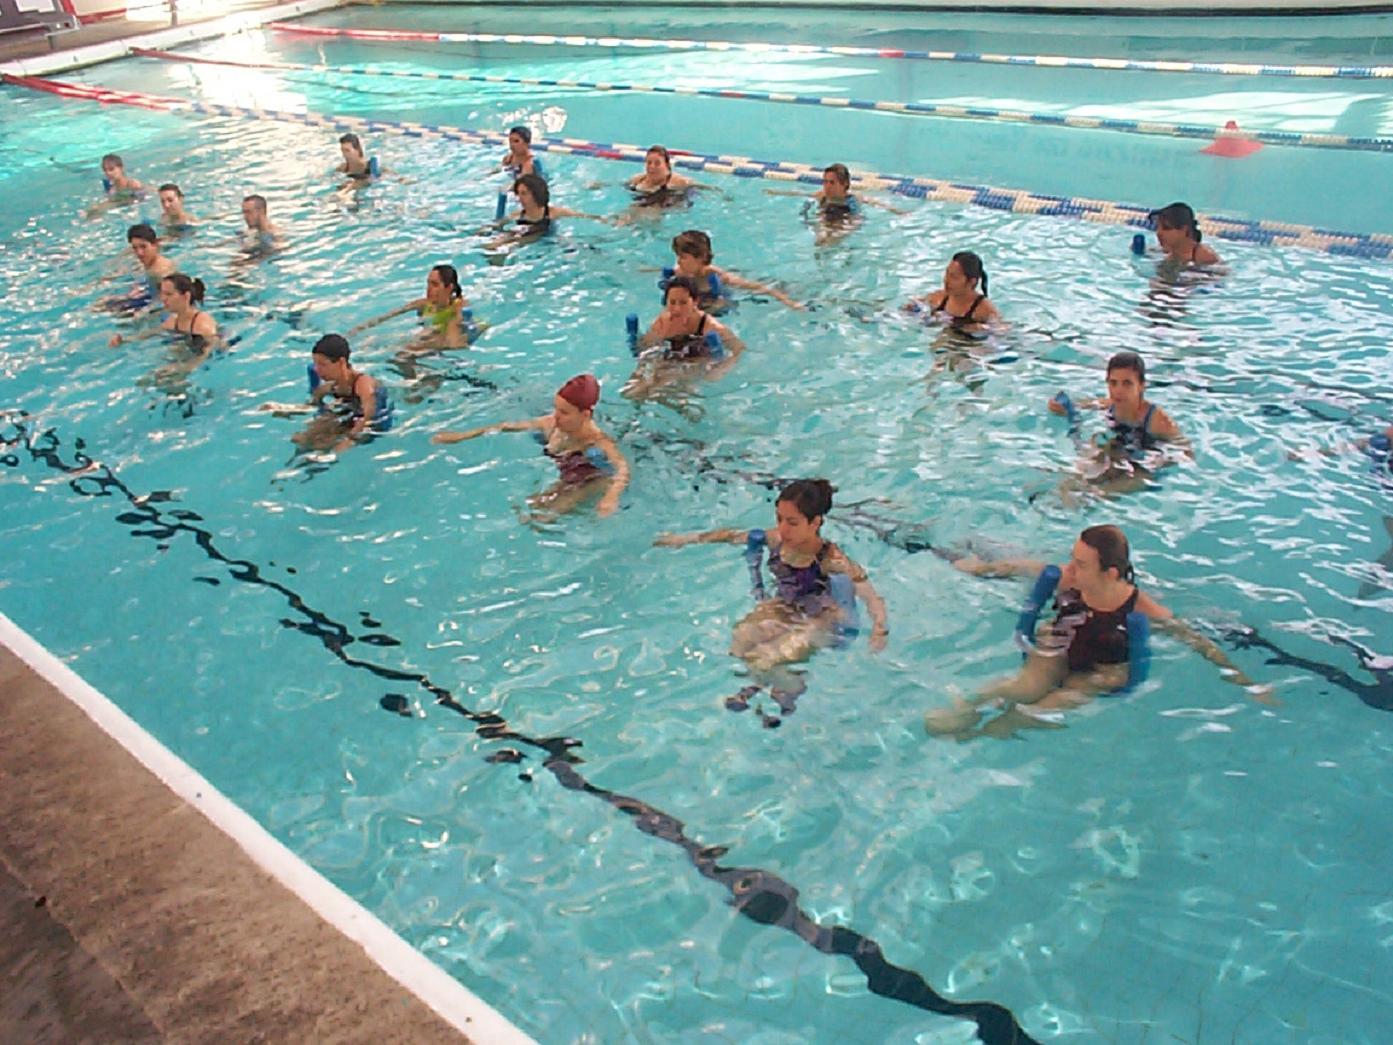 efectivo africano Deportes acuáticos